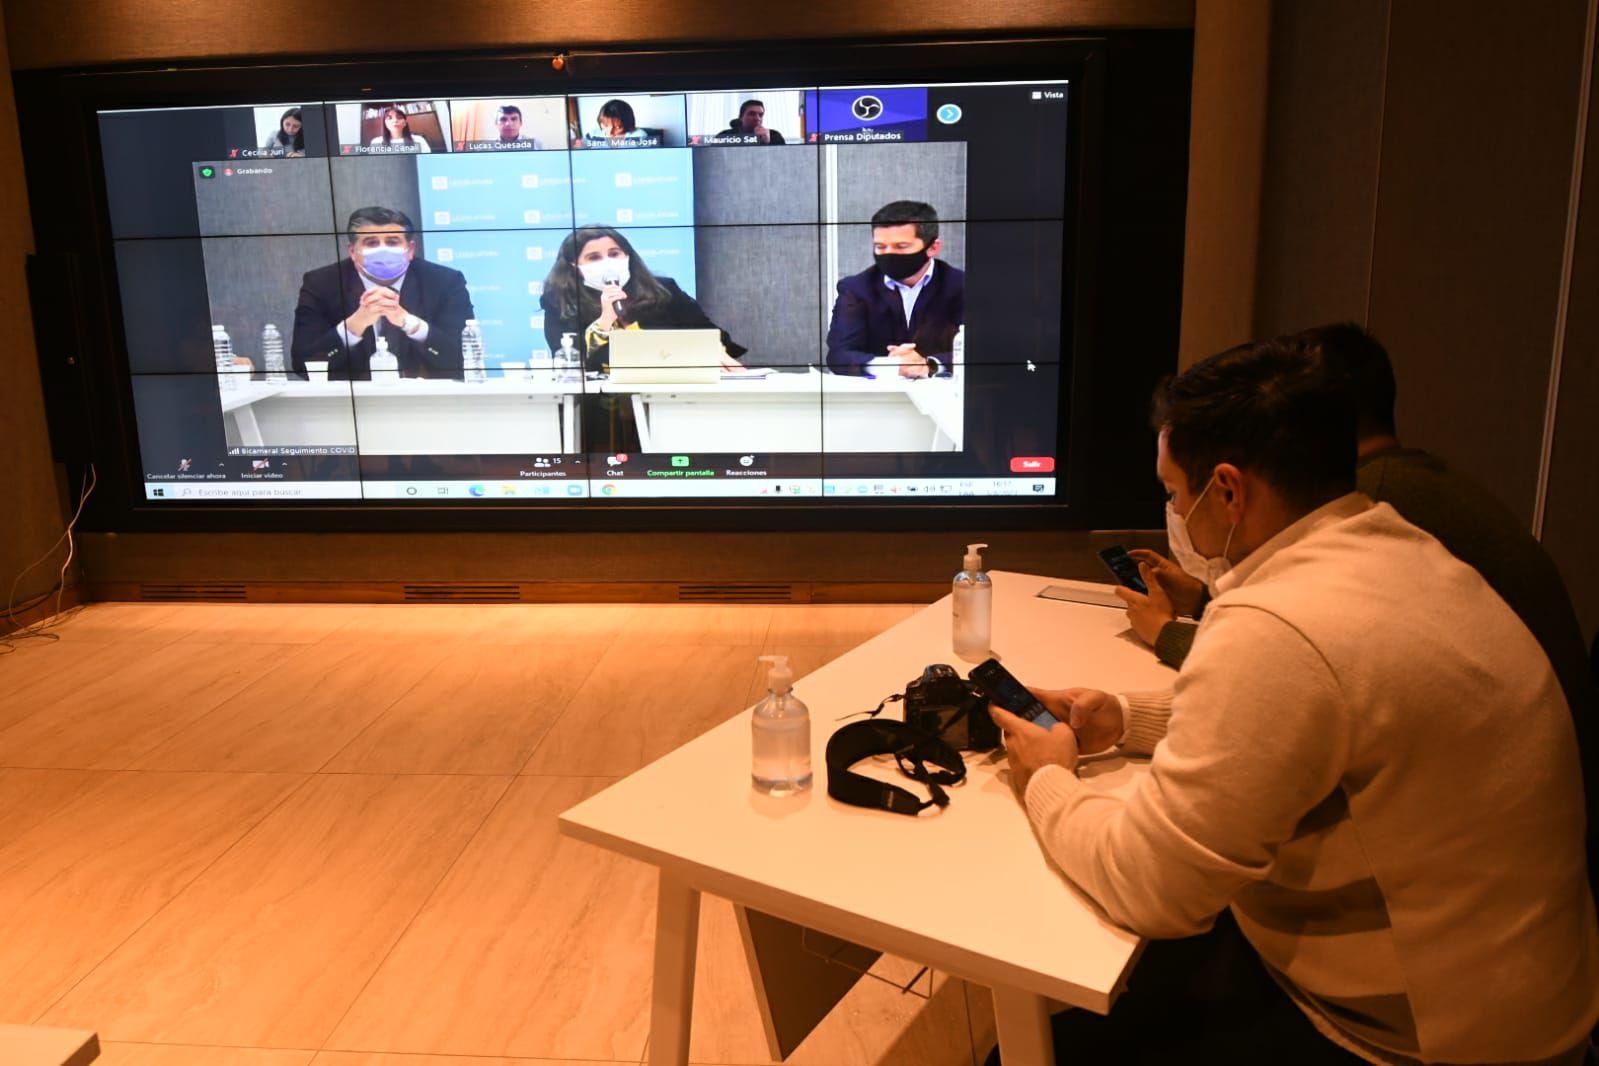 La presentación de la ministra de Salud de Mendoza, Ana María Nadal, se transmitió en circuito interno para la prensa.